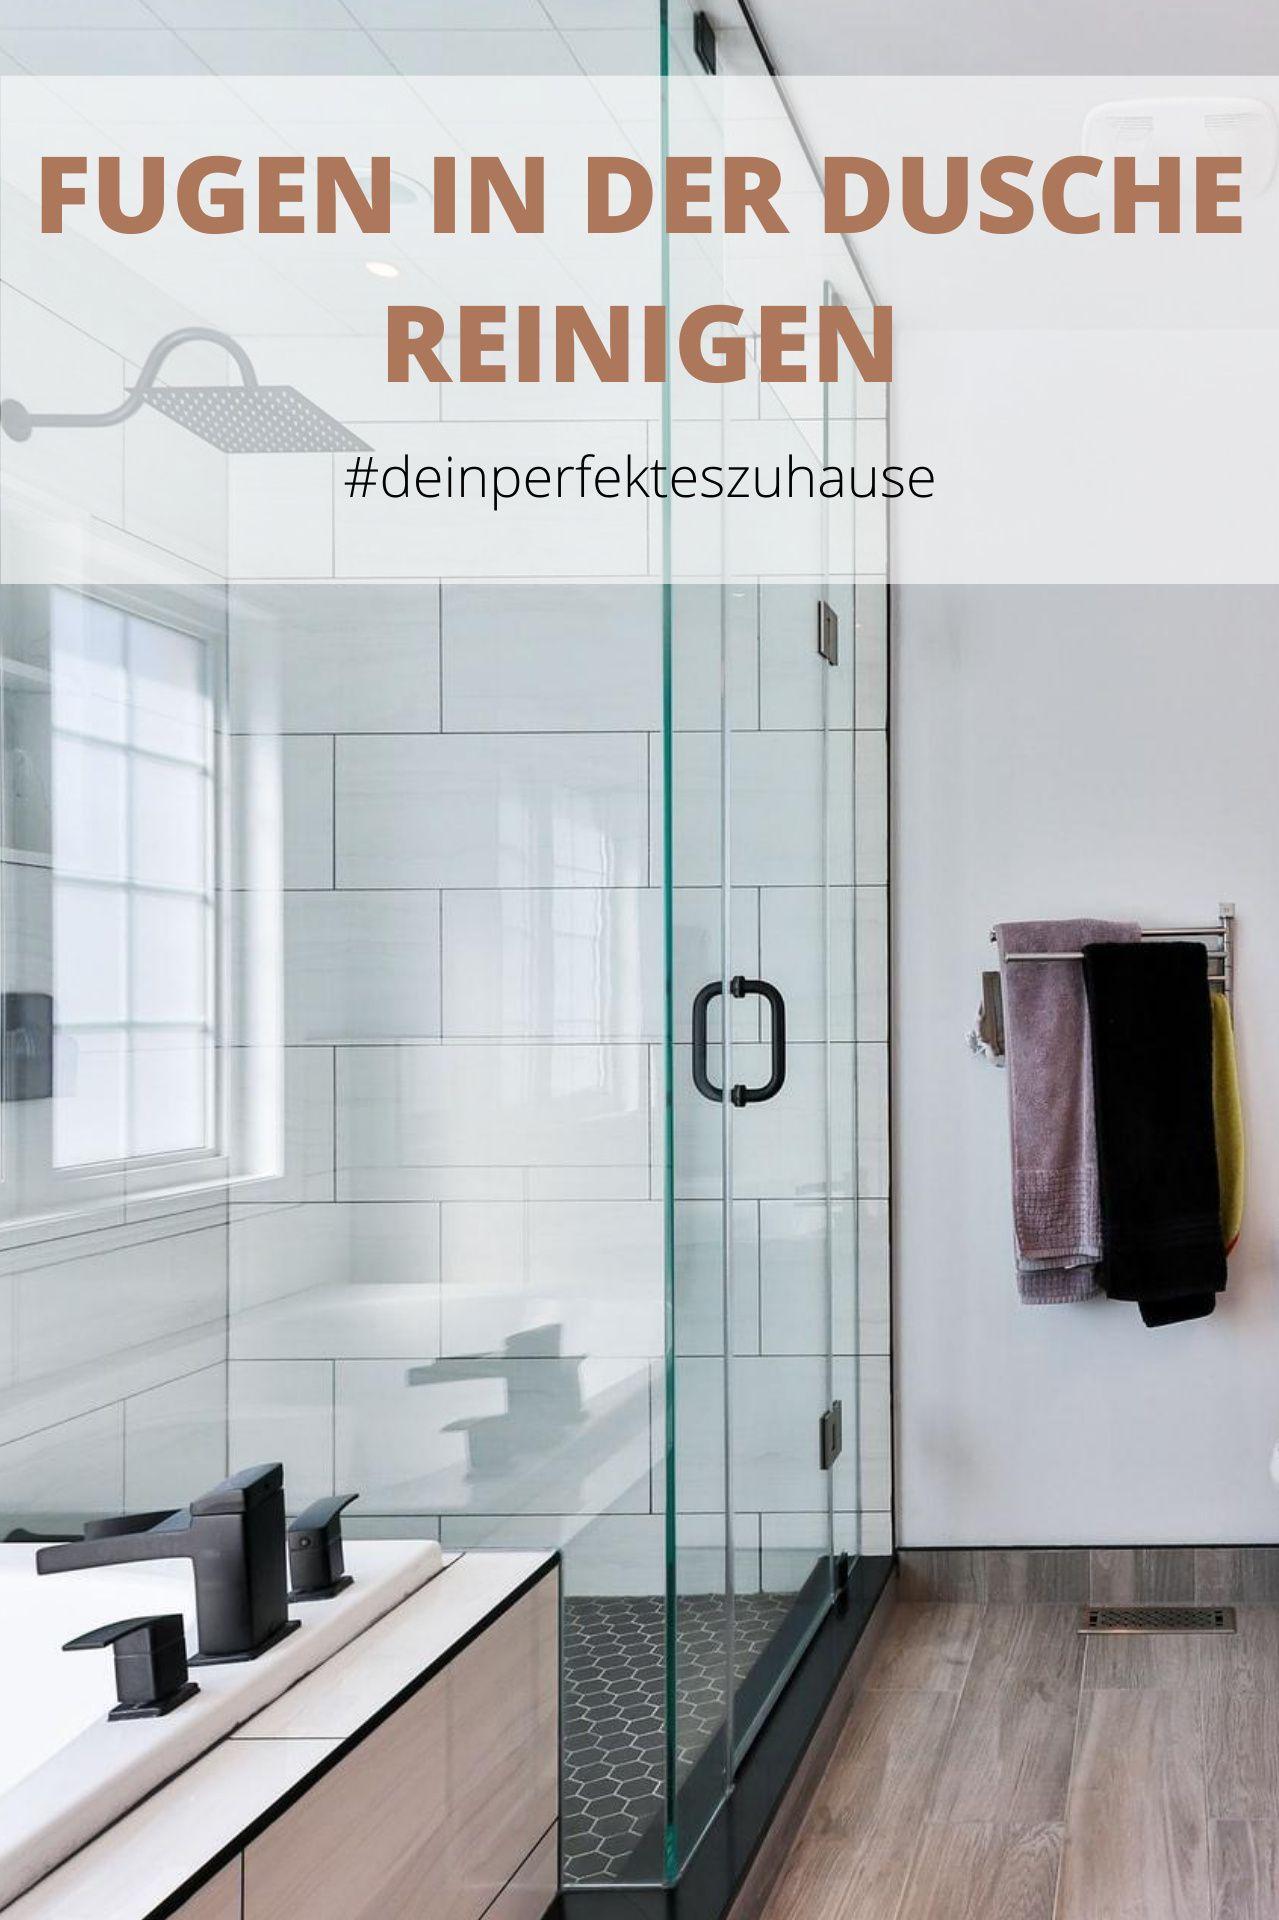 Fugen Im Bad Reinigen In 2020 Fugen In Der Dusche Reinigen Fugen Reinigen Reinigen